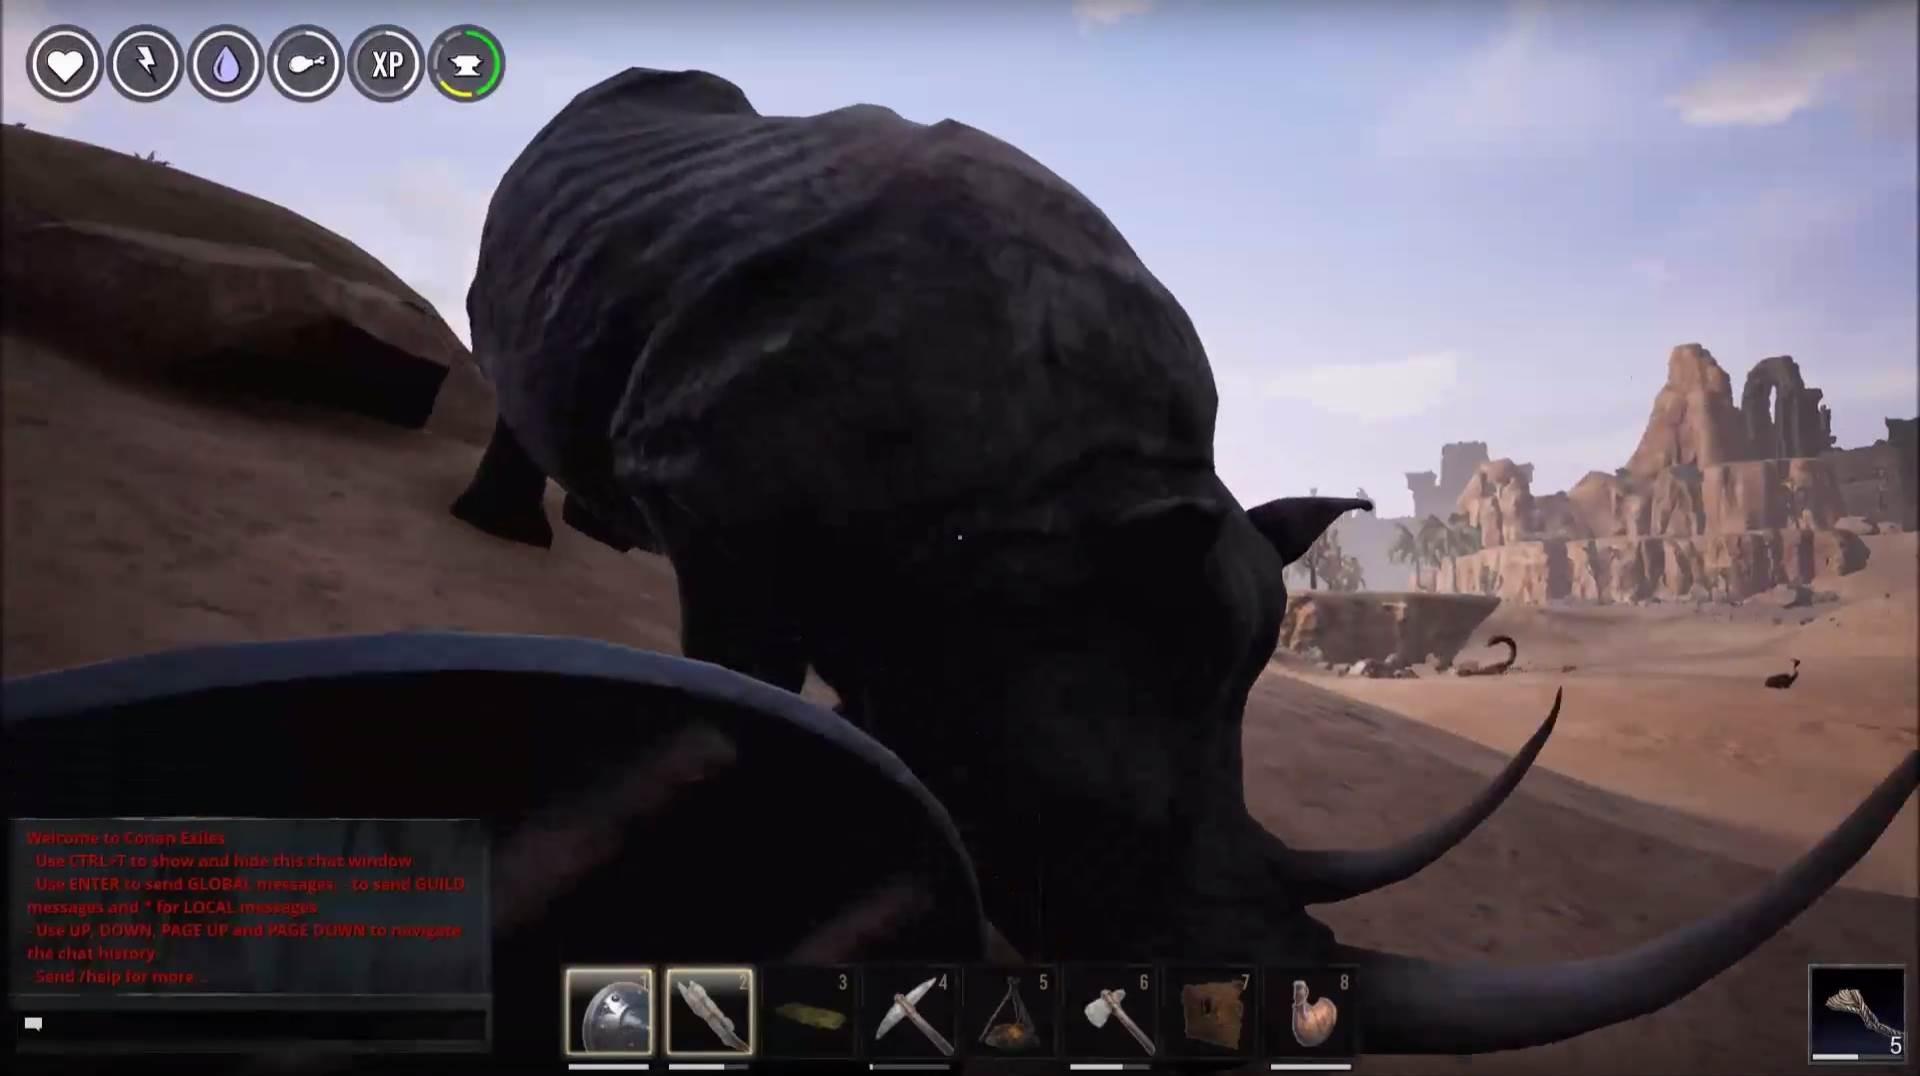 Kletterausrüstung Conan Exiles : Conan exiles u2013 schwarzes rhino nerdenthum